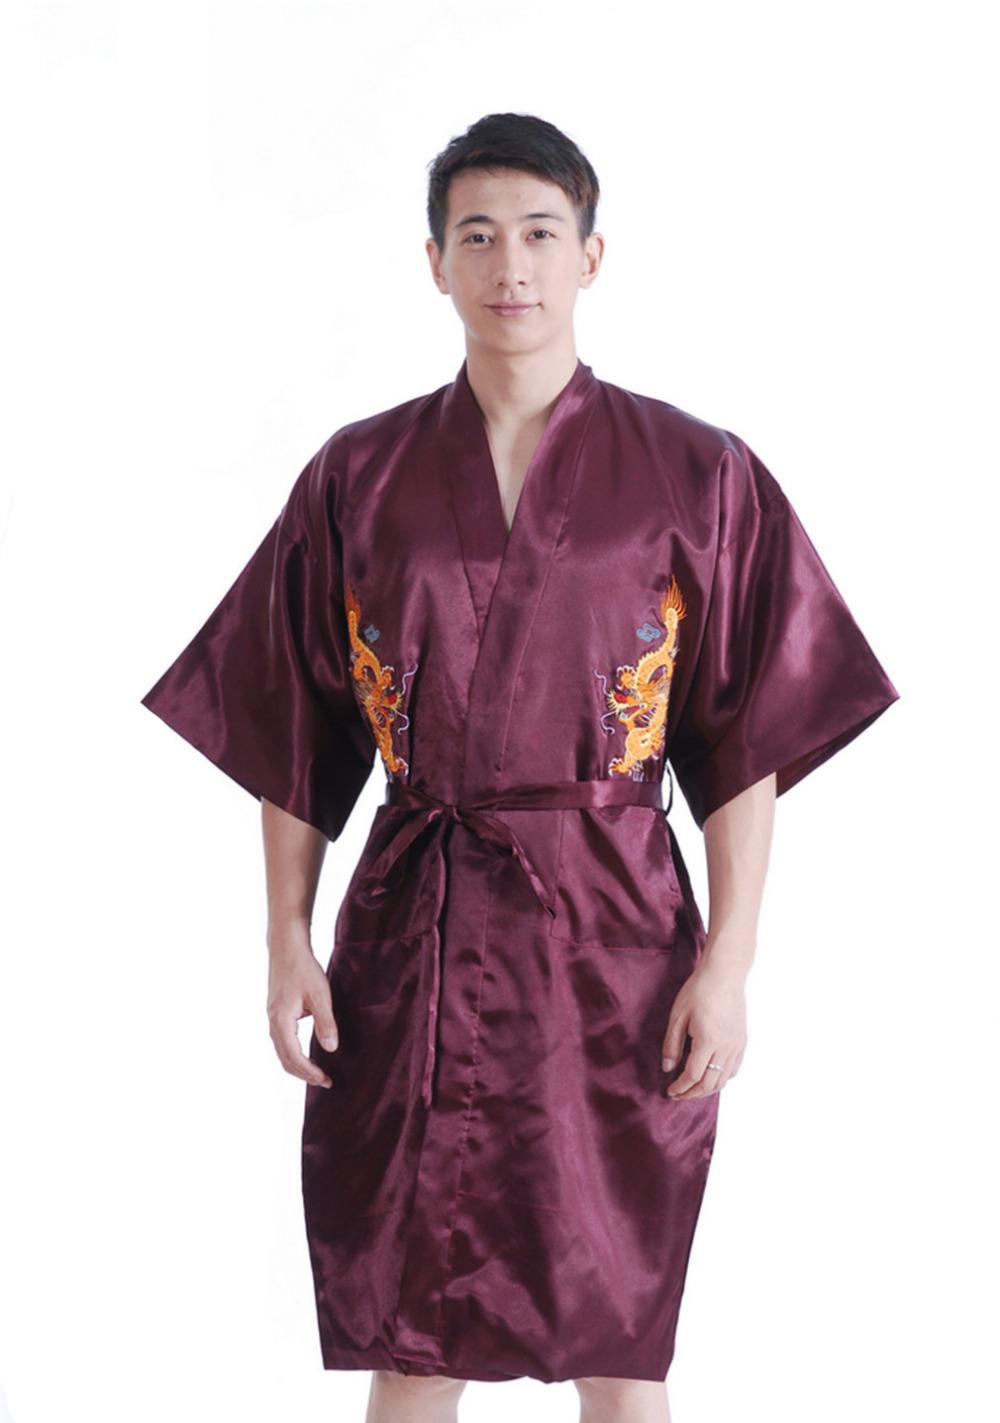 Мужской халат купить шелковый халат мужской спб